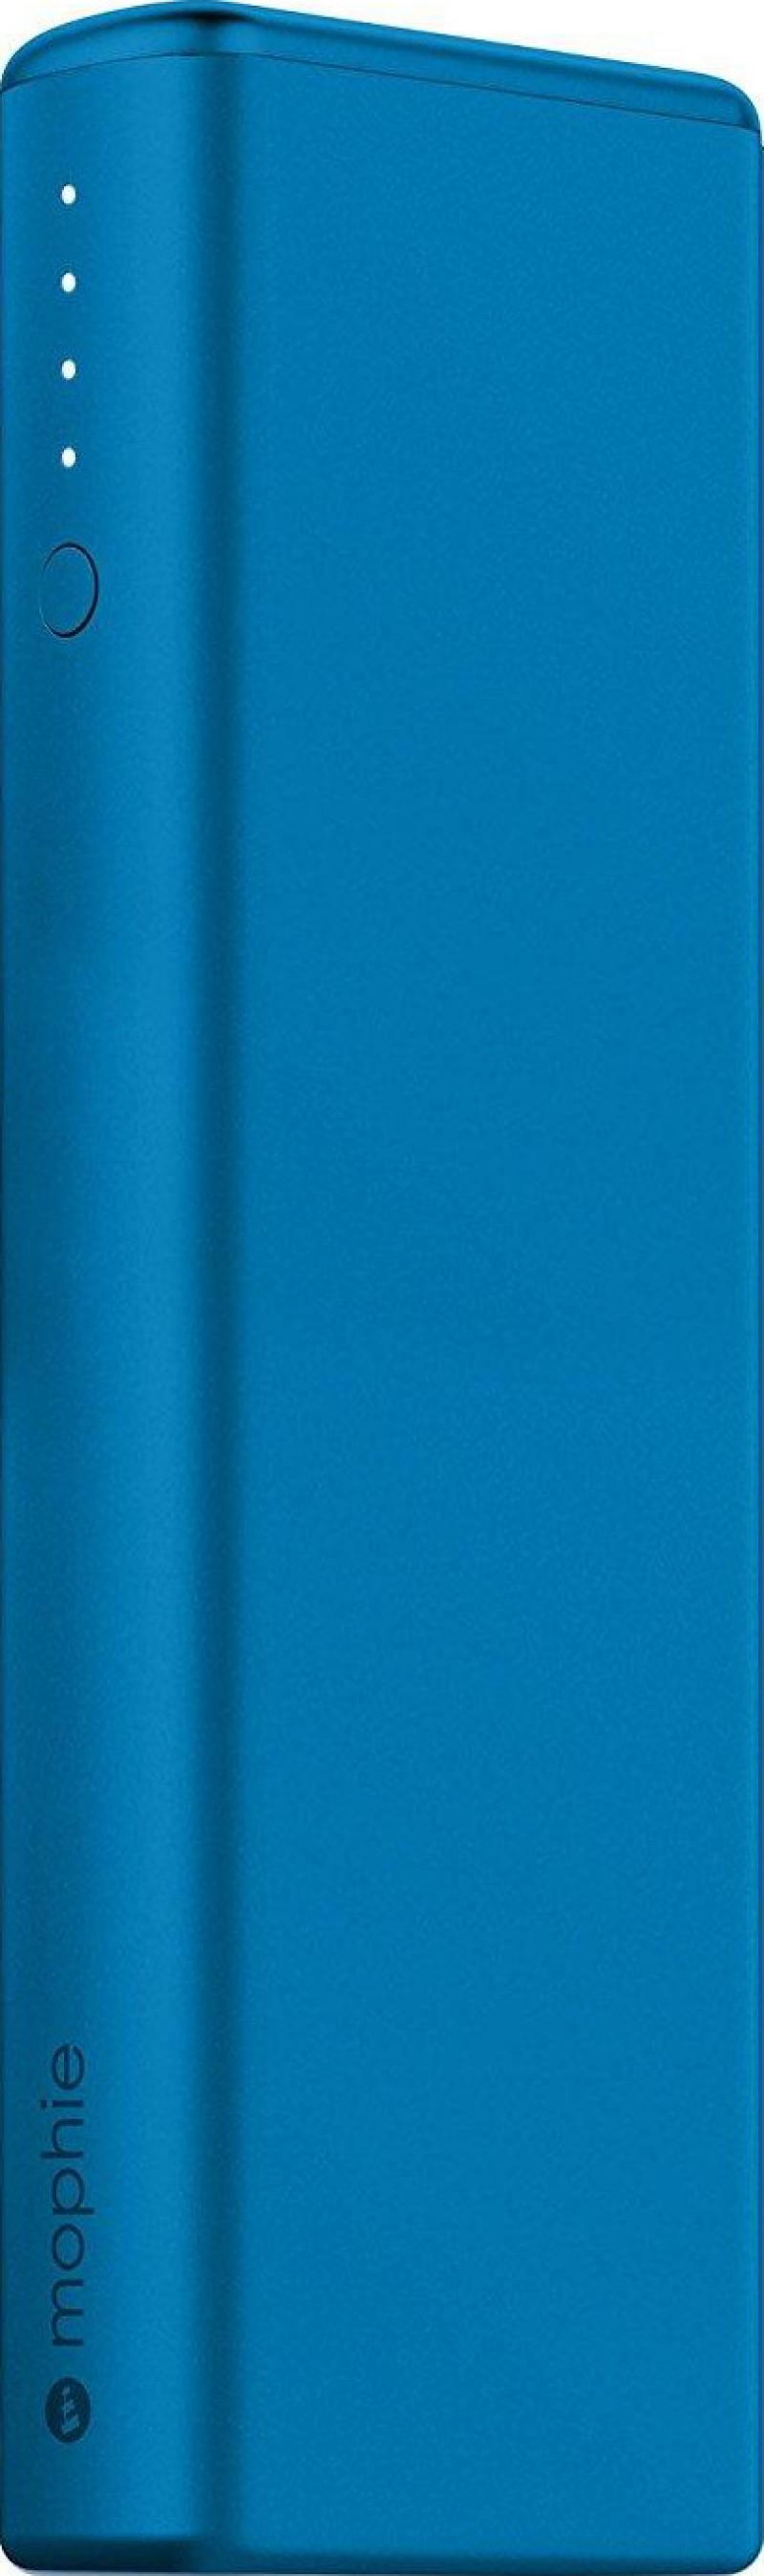 Портативное зарядное устройство Mophie Power Boost 10400мАч синий 3527